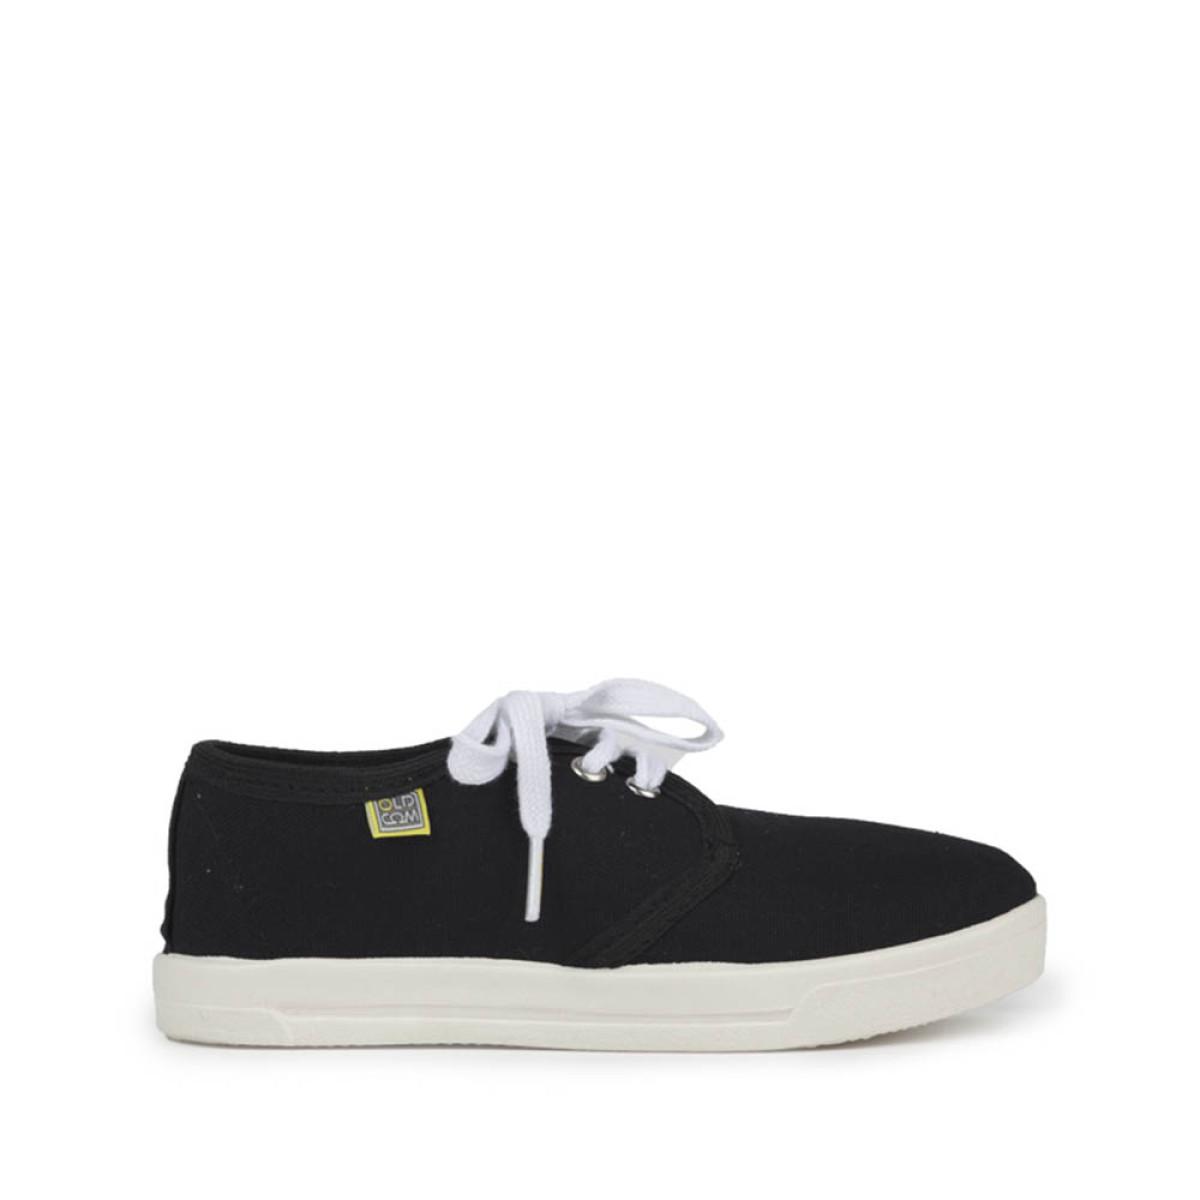 Kid's Sneakers DERBY, Black